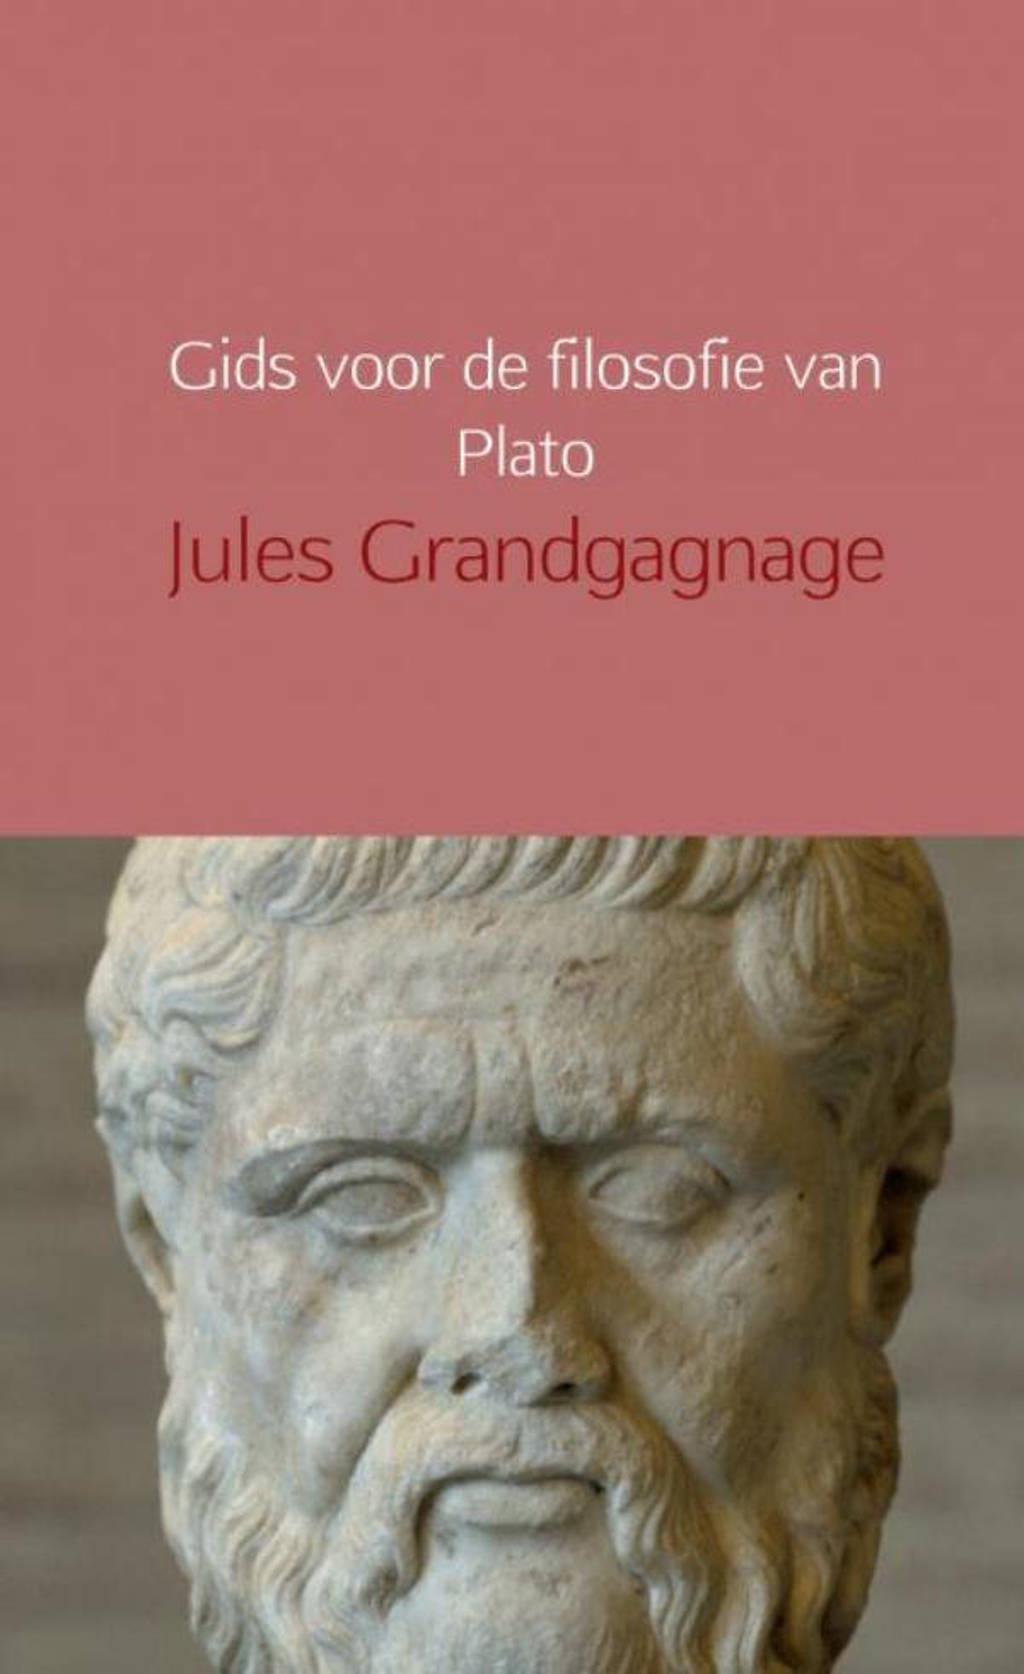 Gids voor de filosofie van Plato - Jules Grandgagnage